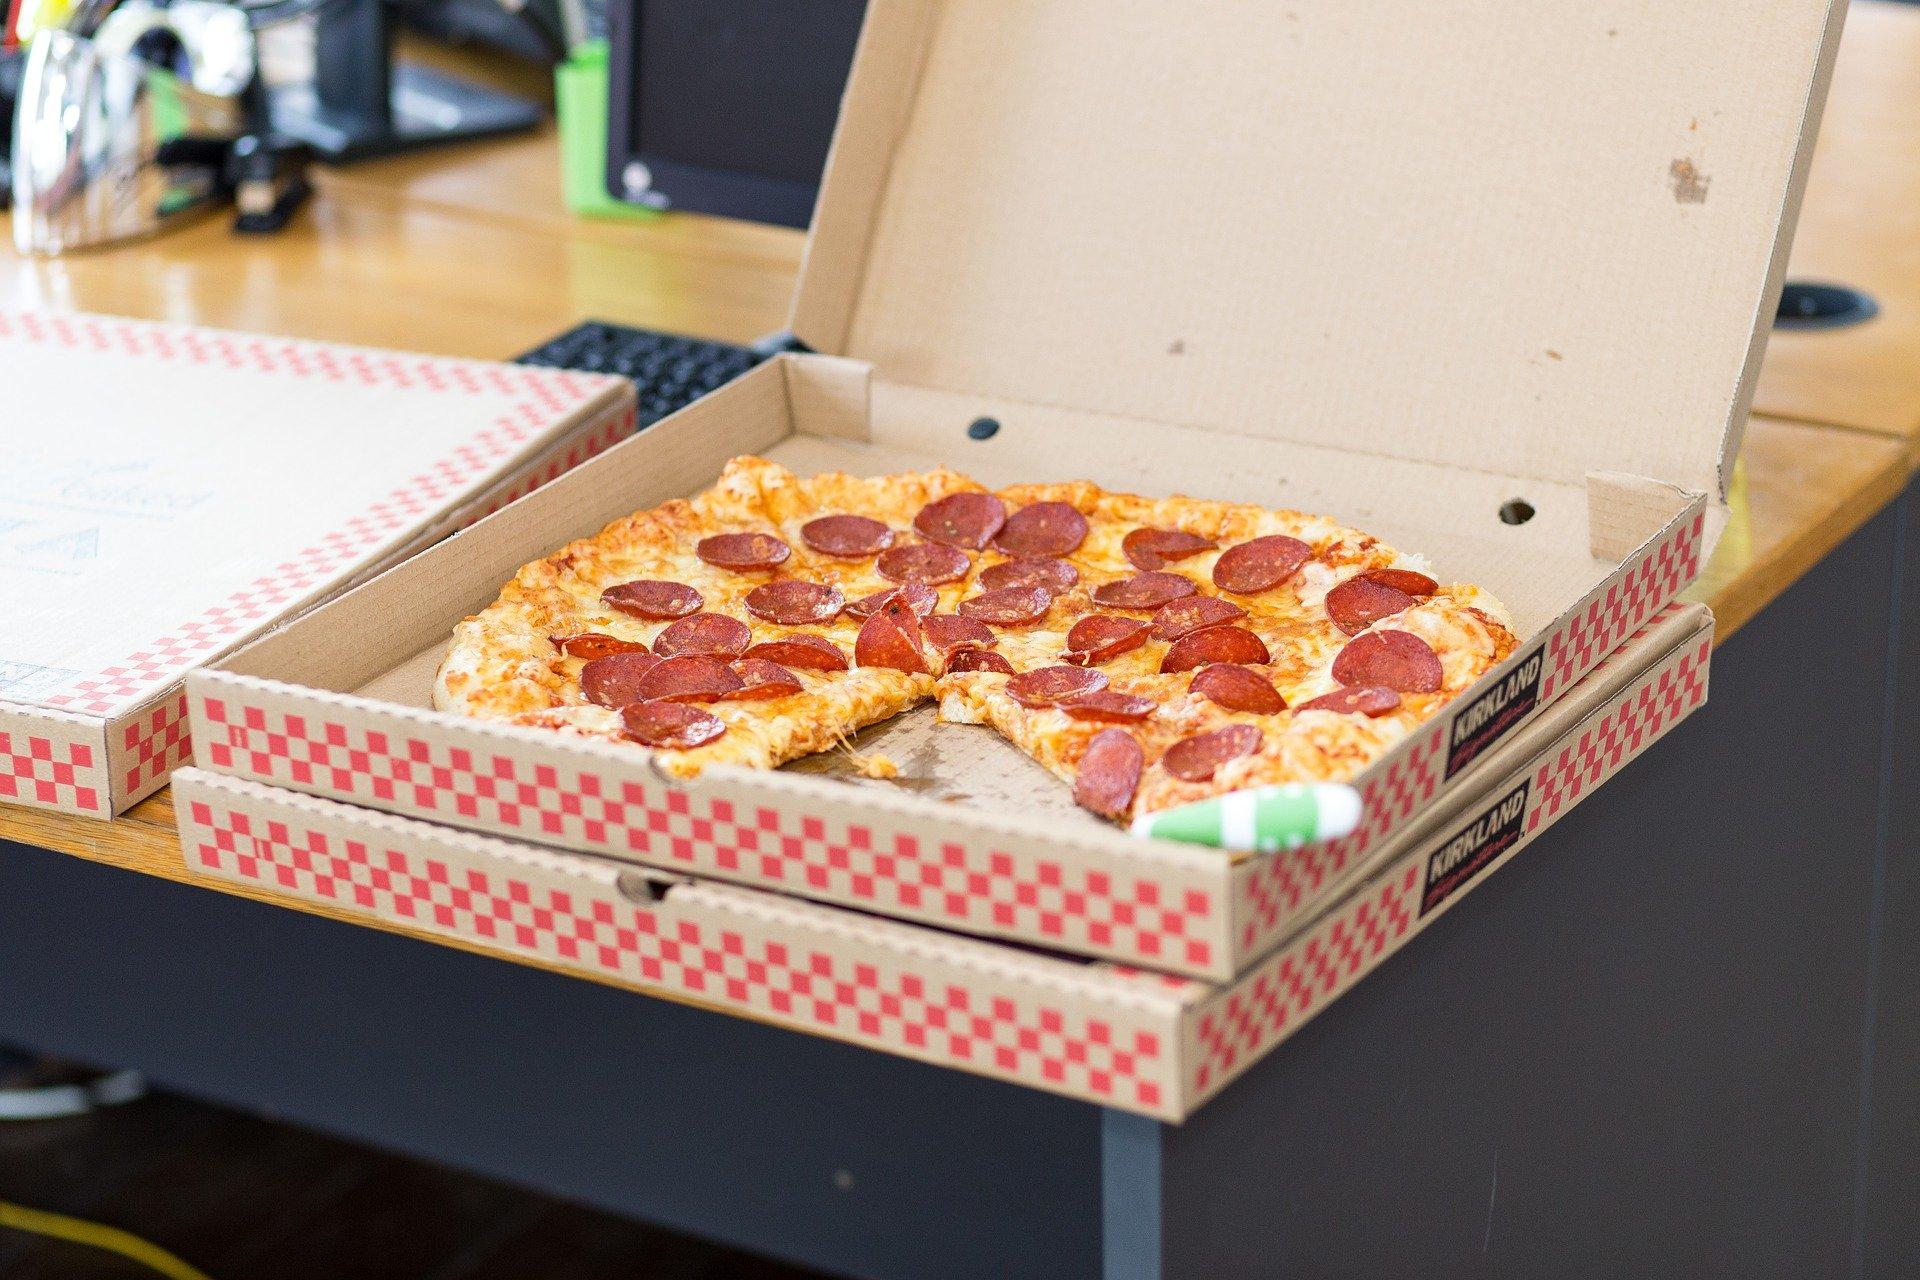 各社のピザLサイズは何人前?カロリーや一人で食べきれる大きさなのかを紹介